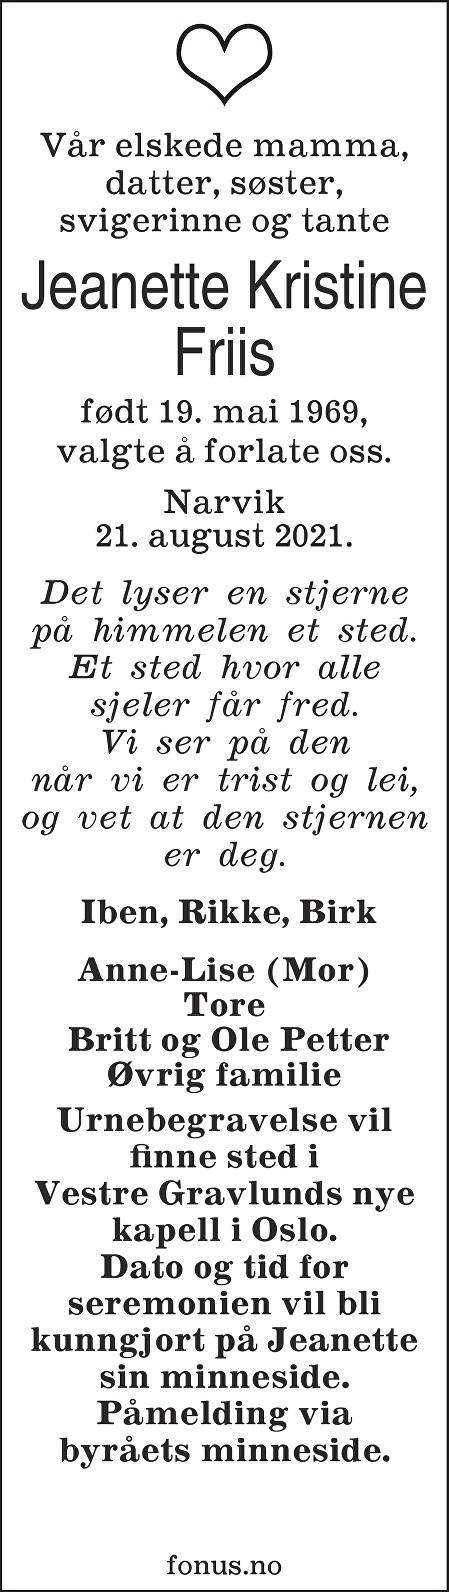 Jeanette Kristine Friis Dødsannonse